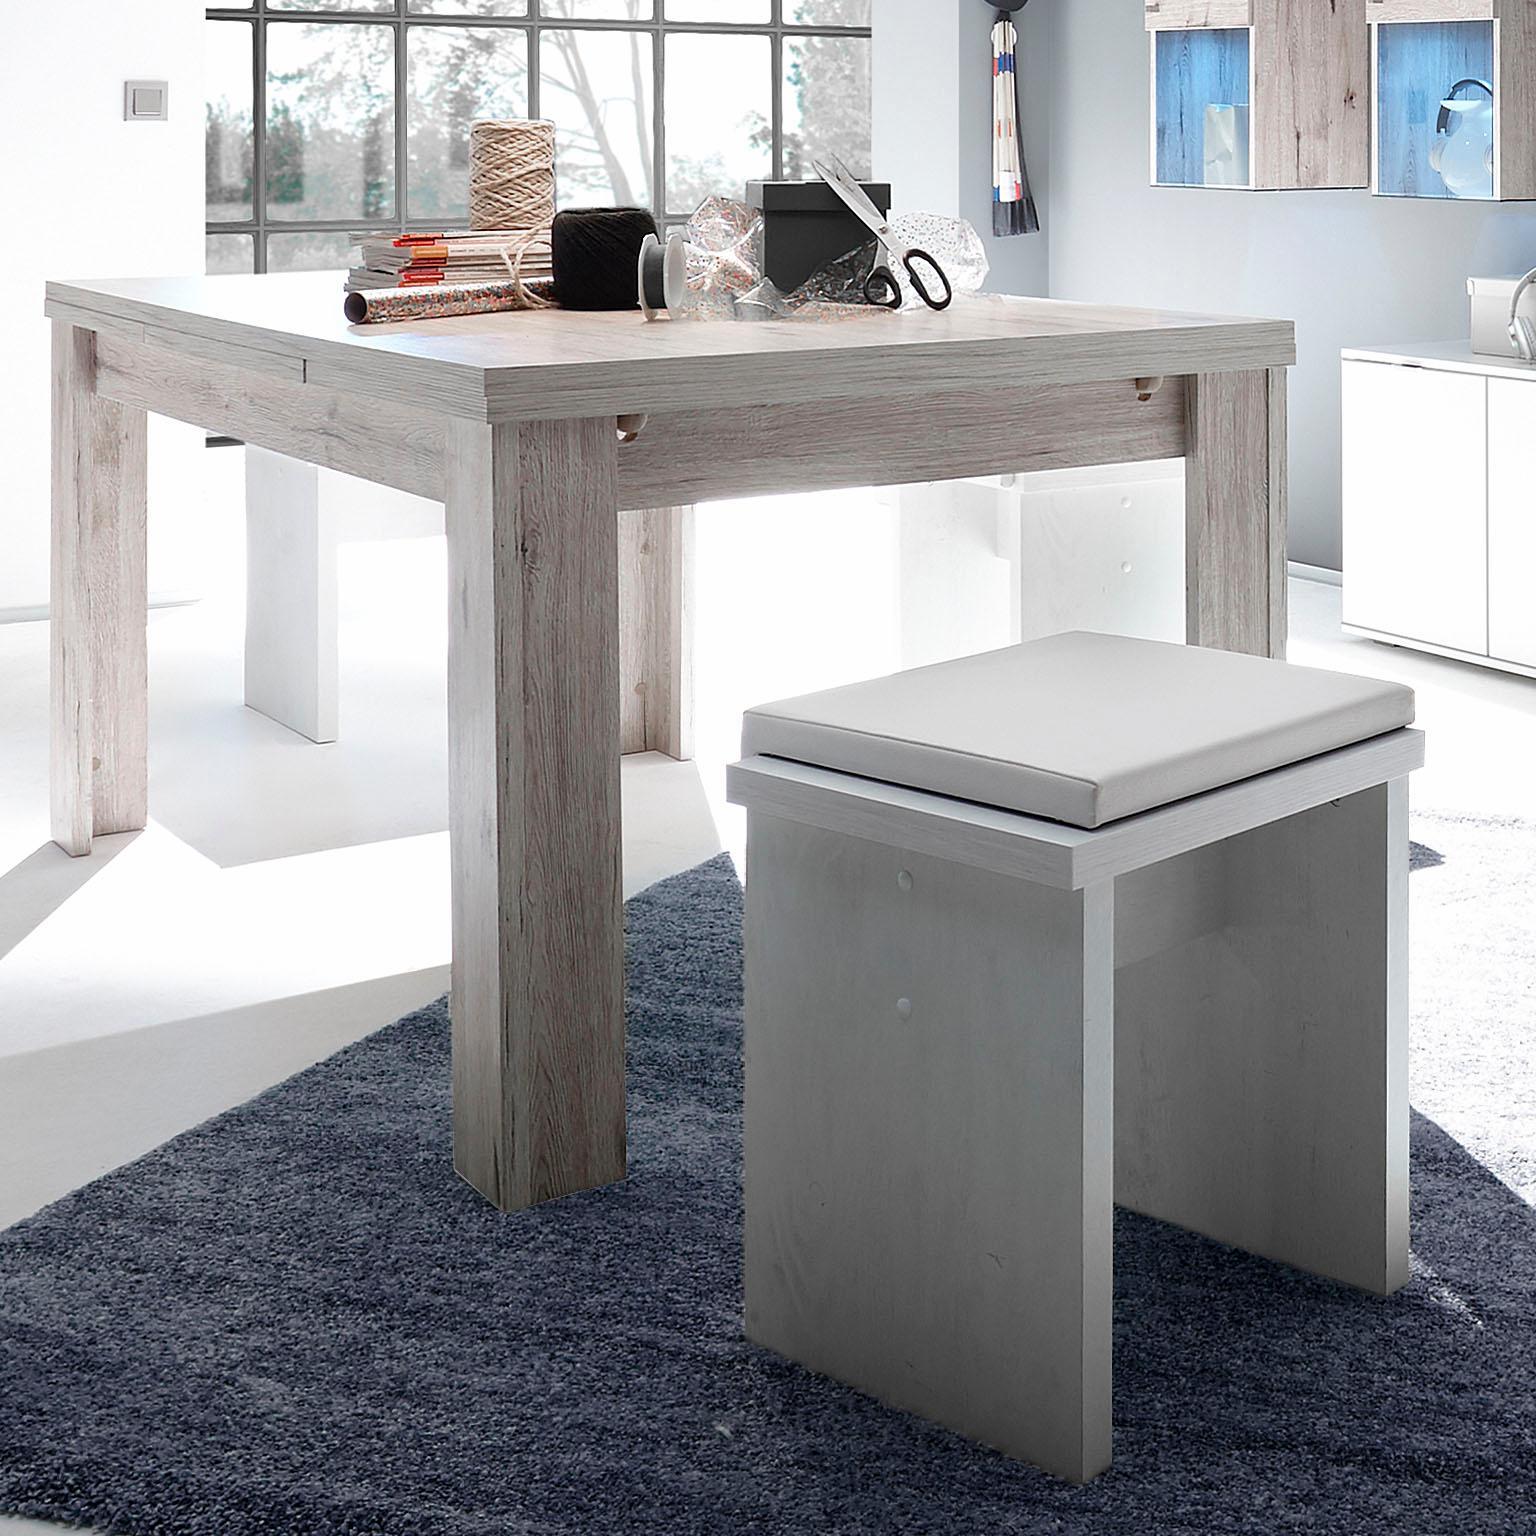 Mäusbacher Esstisch, ausziehbar, Breite 160-260 cm beige Esstisch Ausziehbare Esstische Tische